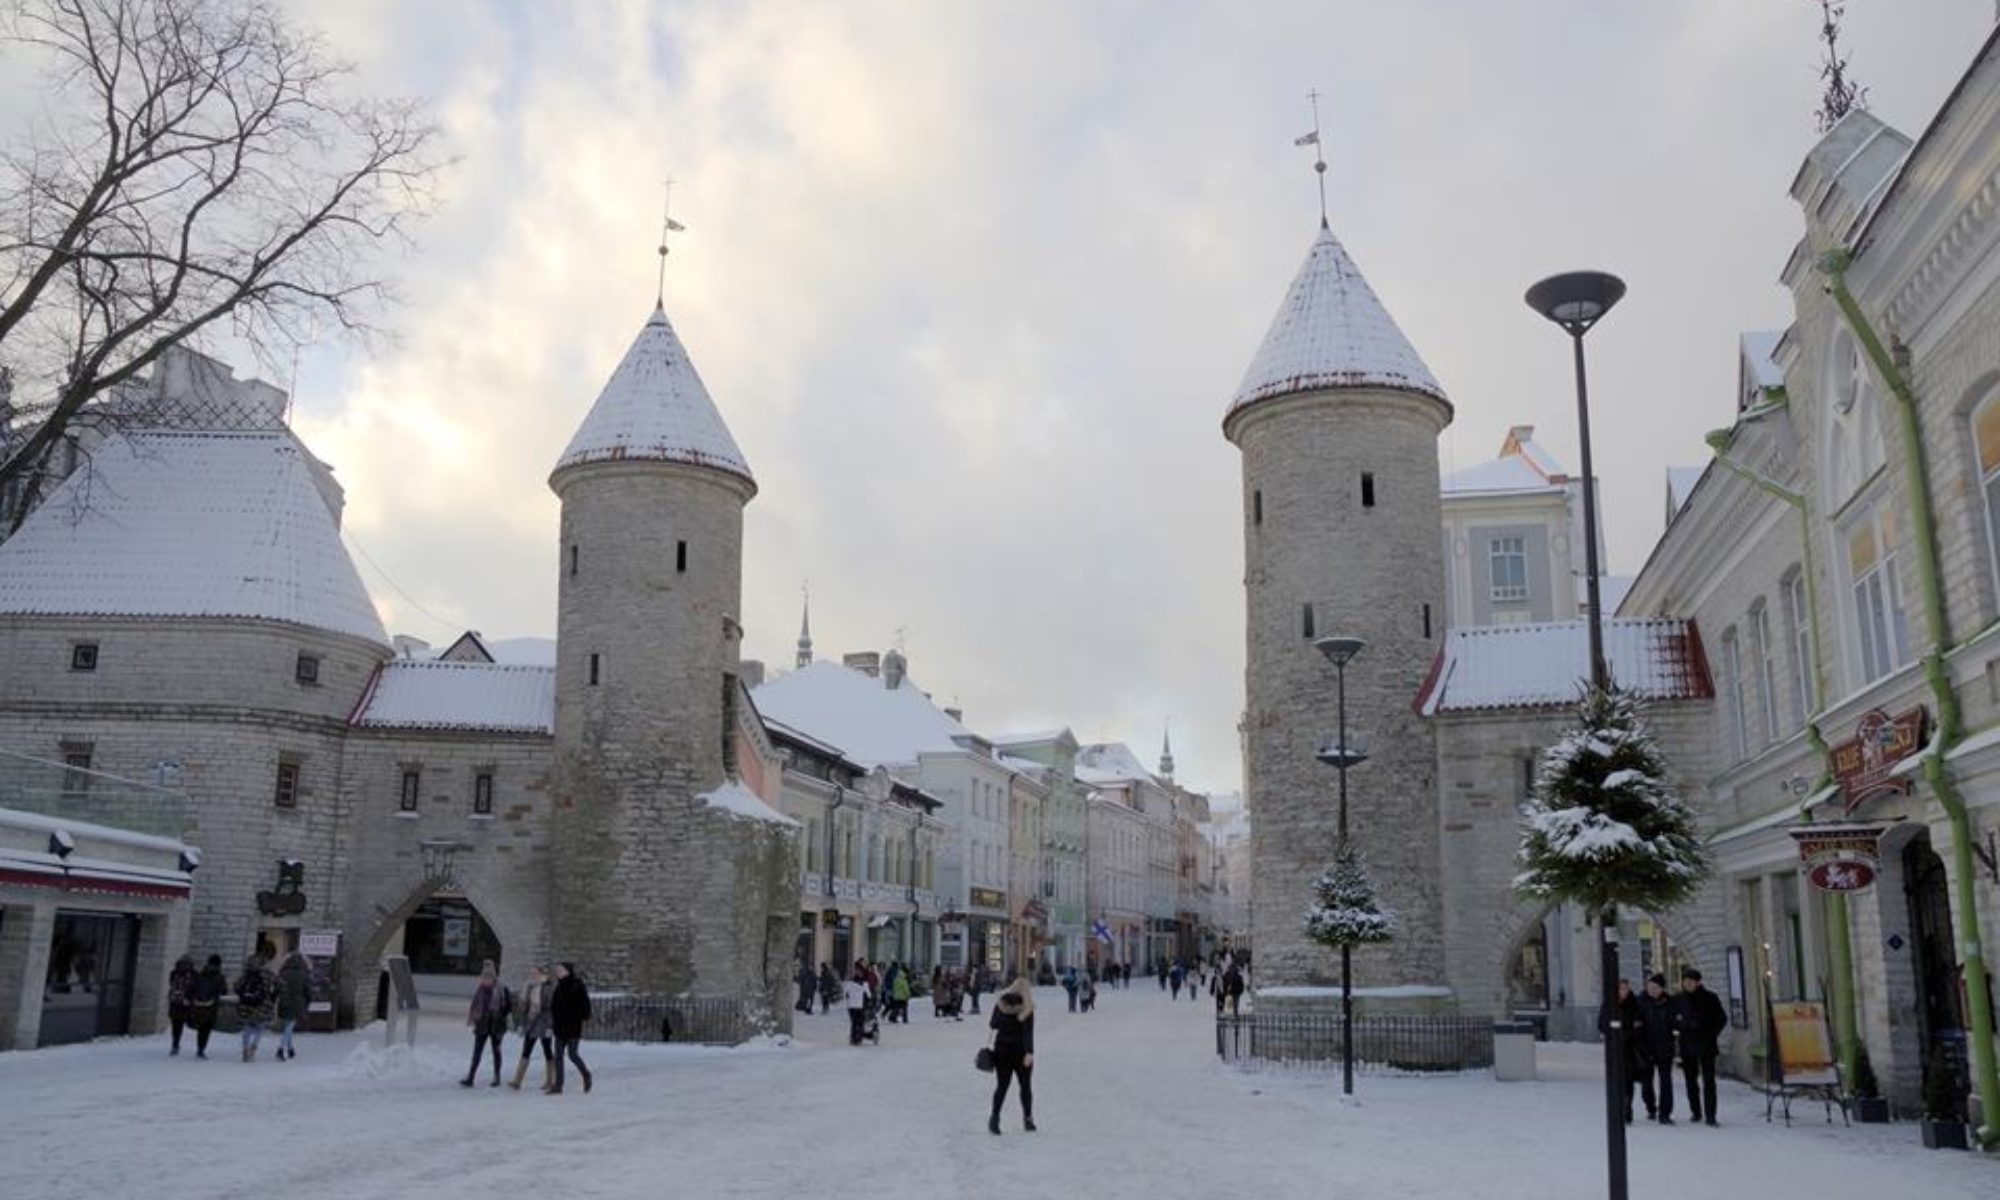 Estonia through the eyes of a Norwegian